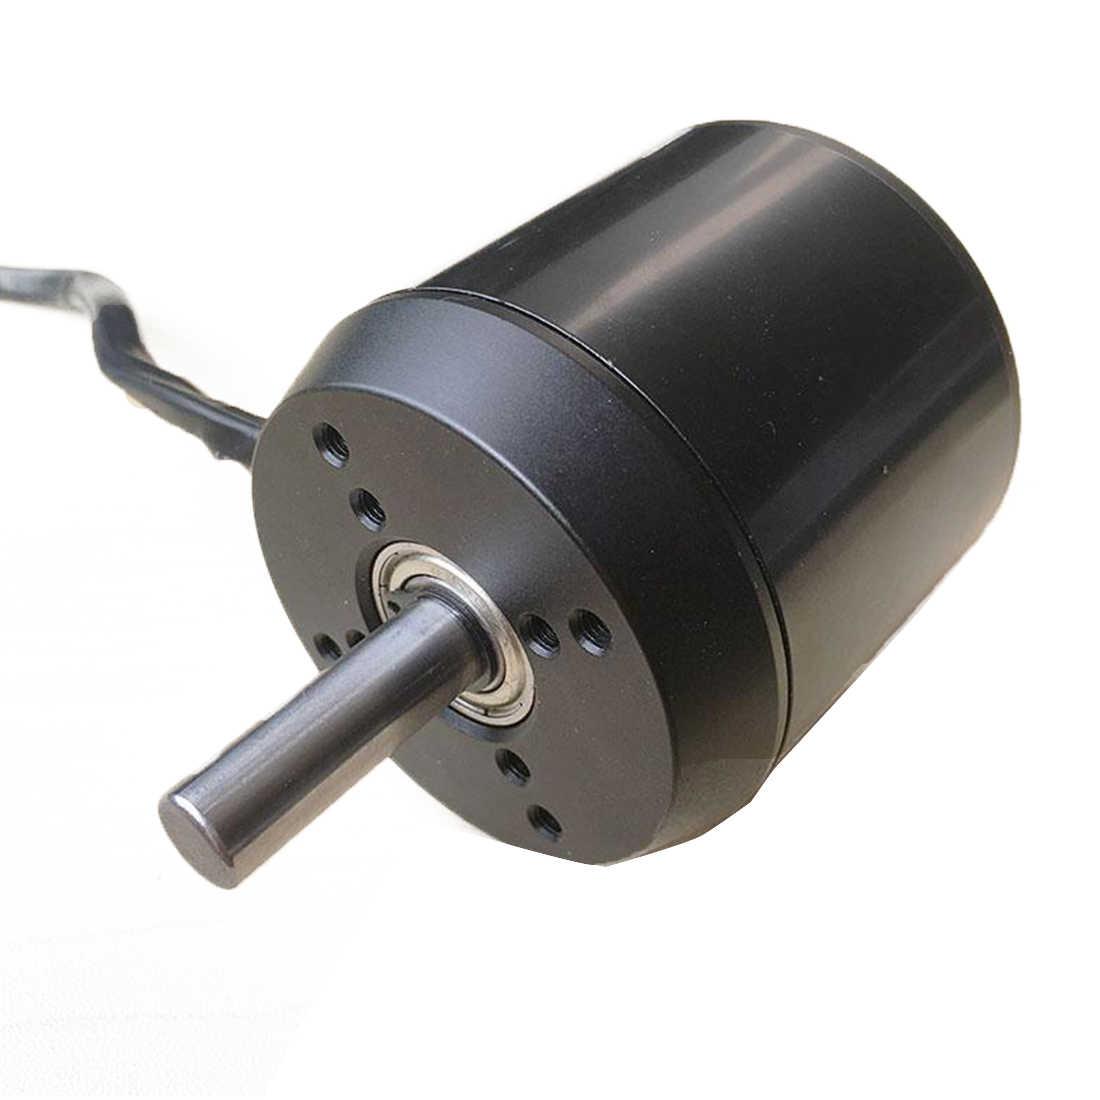 عالية الكفاءة 6374 170KV فرش السيارات 2800 واط 24 فولت/36 فولت ل أربعة عجلة موازنة سكوتر الكهربائية سكيتبورد مع موتور قاعة